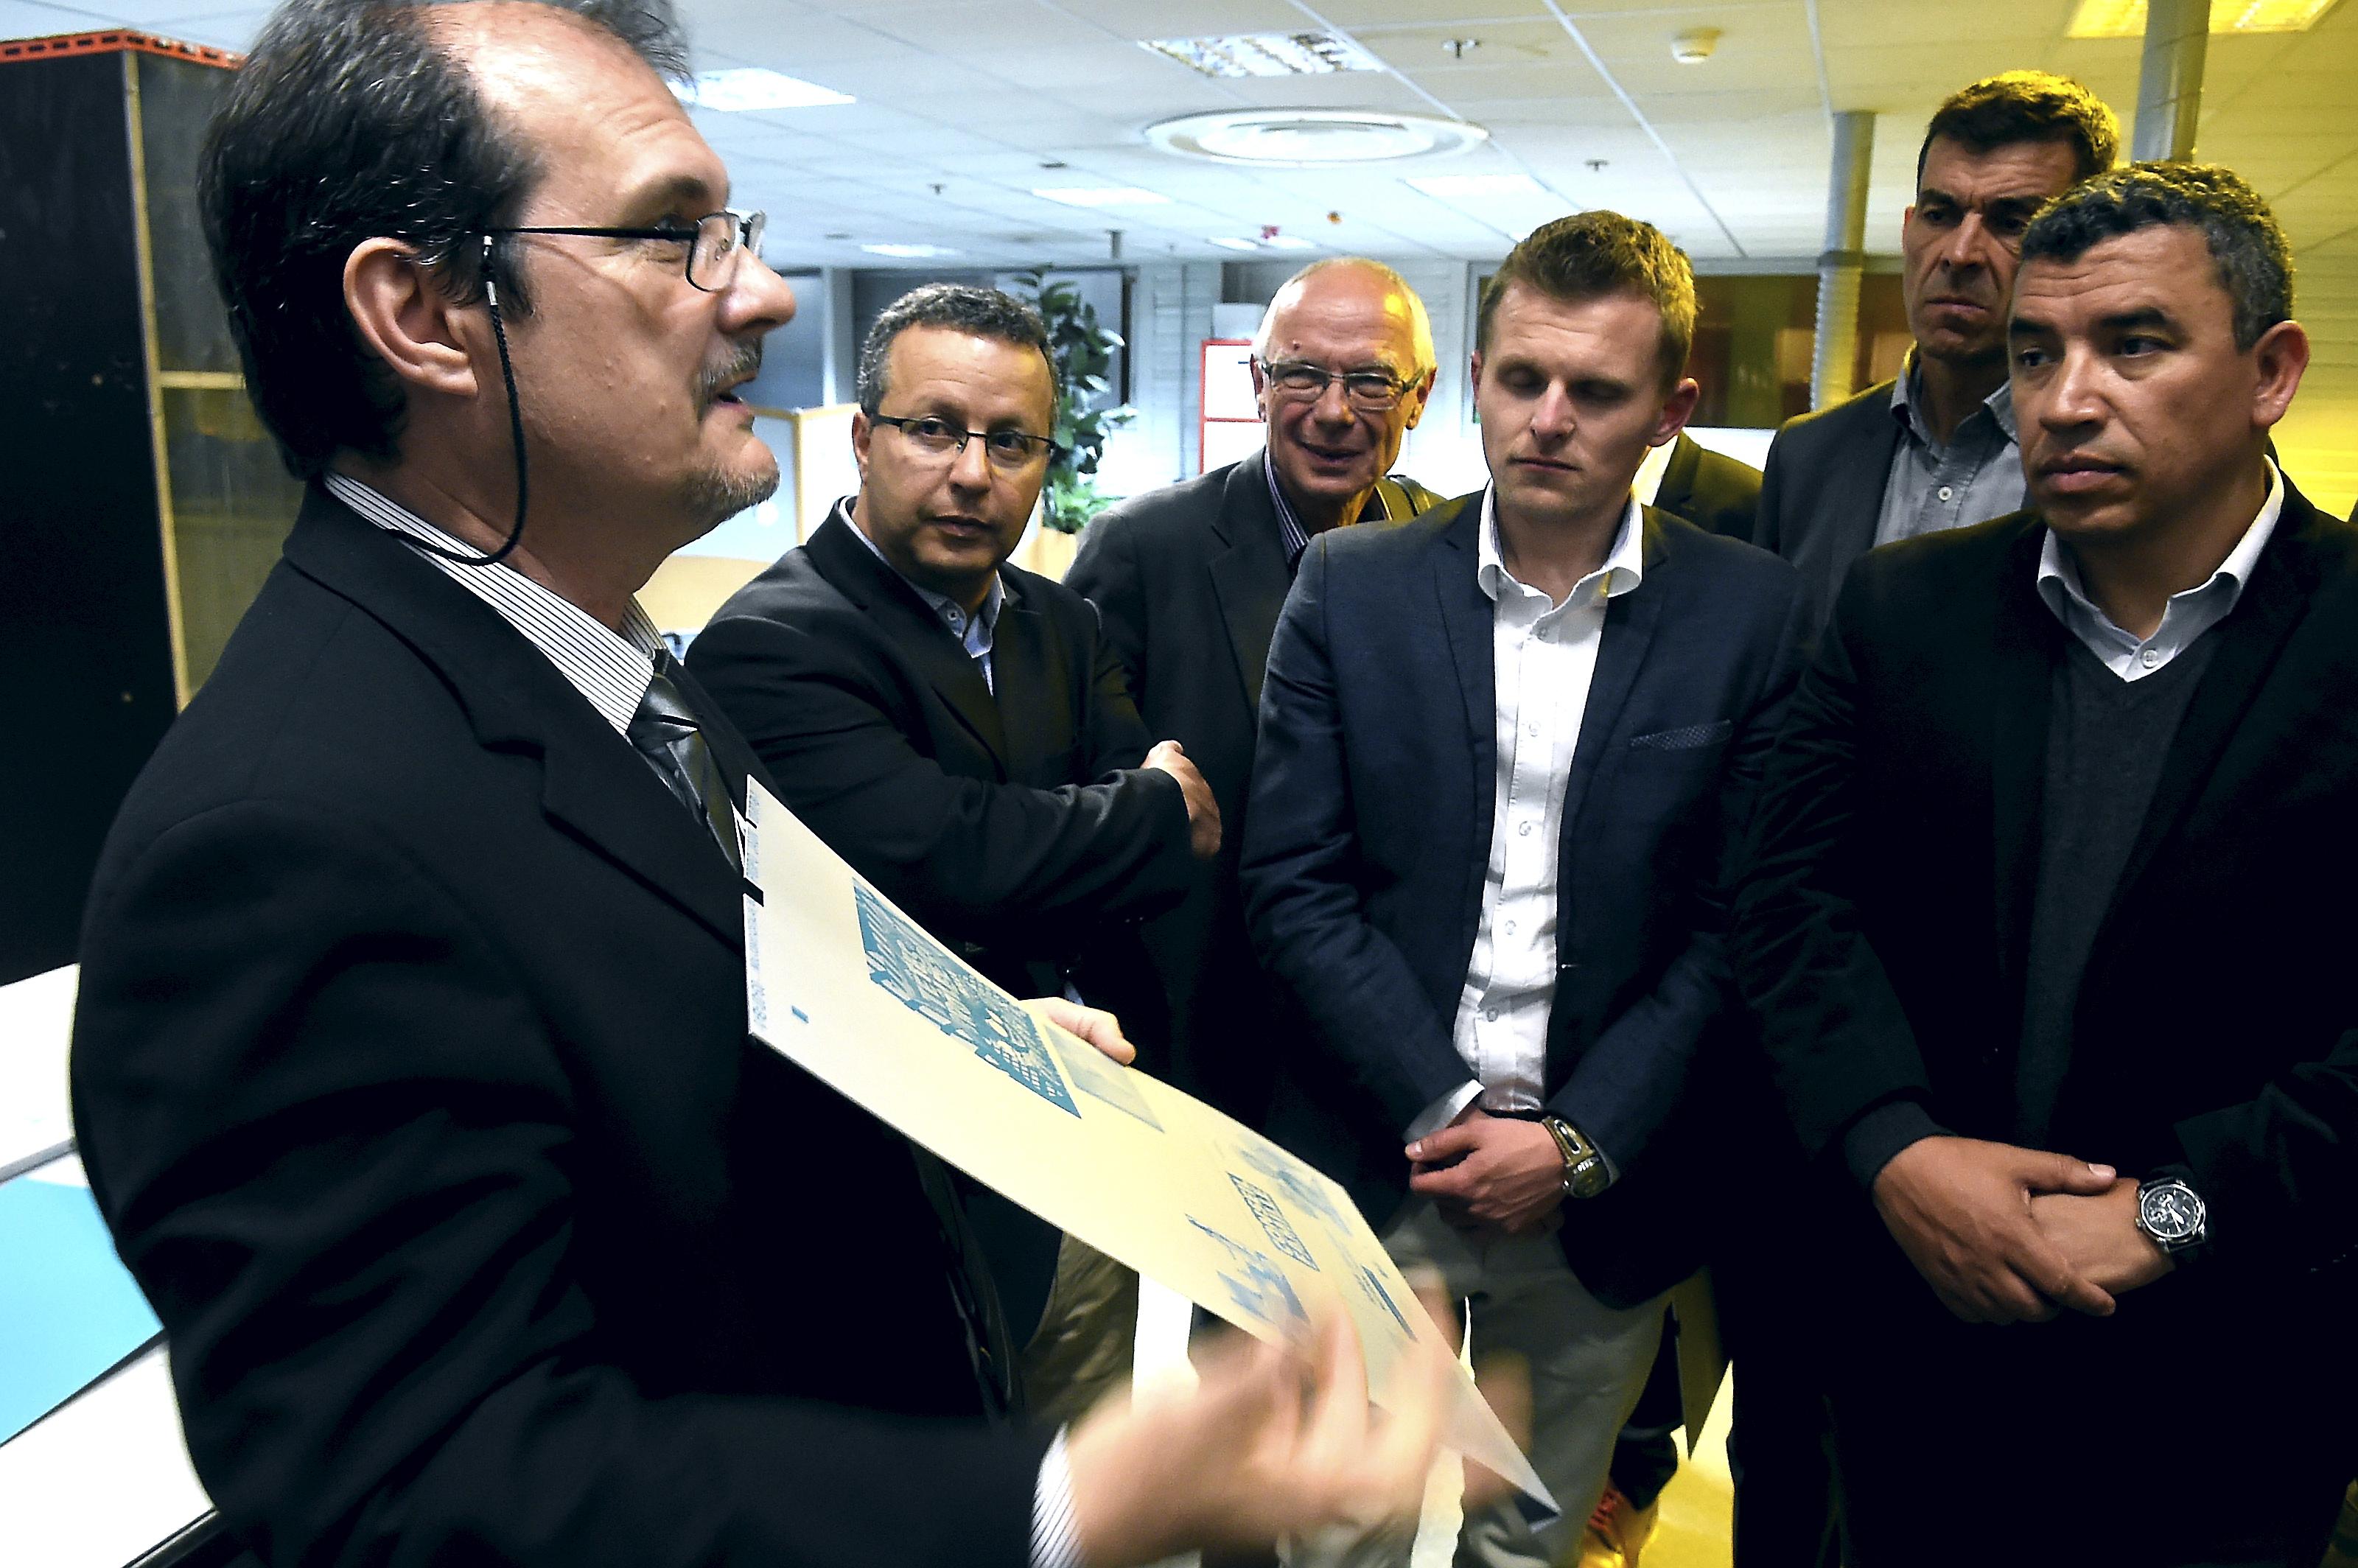 VISITE DU JOURNAL PAR DES CHEFS D ENTREPRISES GARDOIS AVEC LA PRESIDENTE DE LA DEPECHE DU MIDI MARIE FRANCE MARCHAND BAYLET